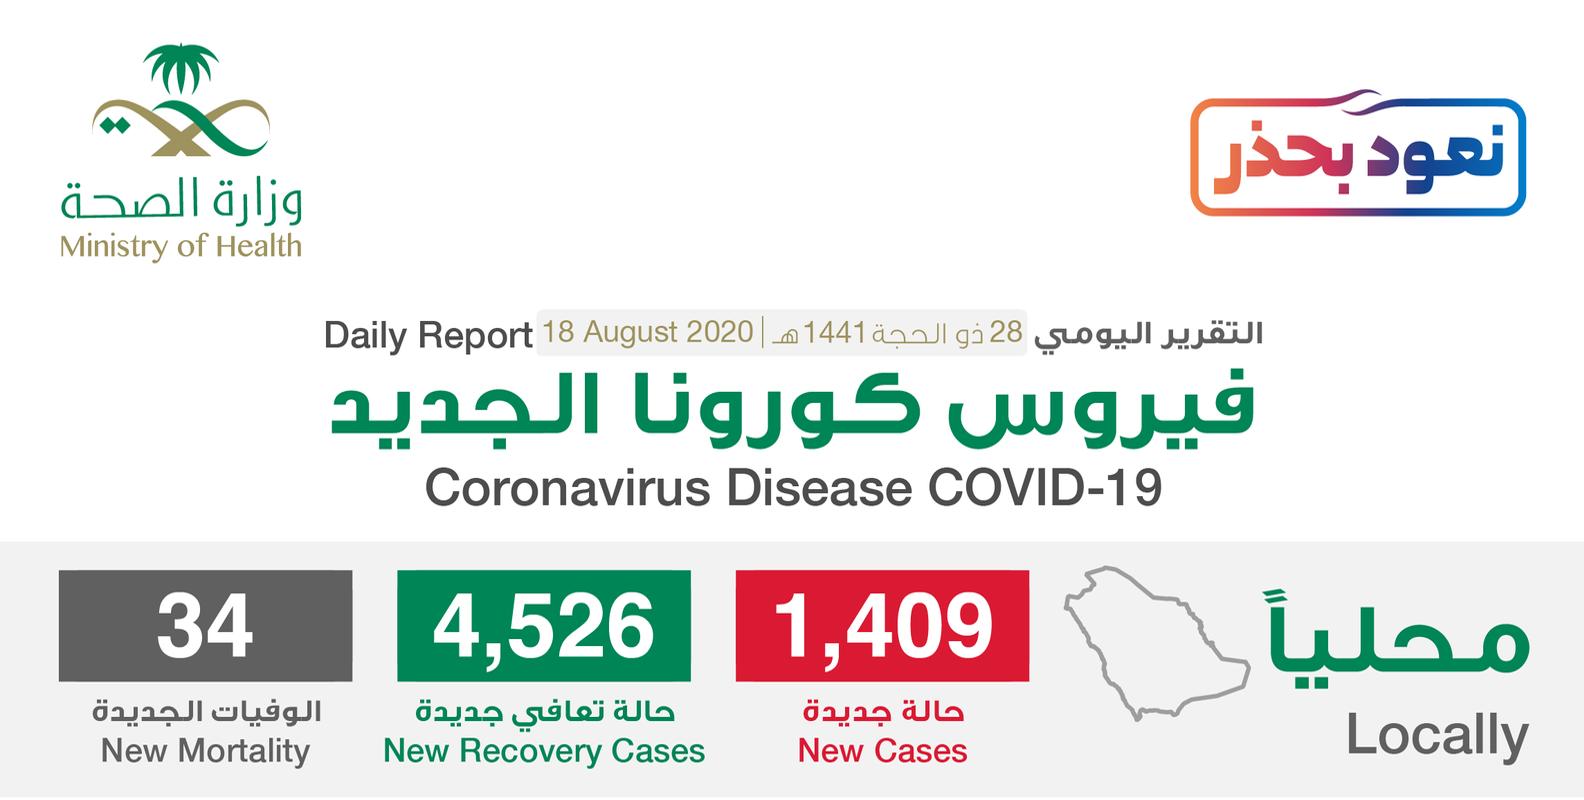 مستجدات كورونا في السعودية اليوم 18 أغسطس .. ونسبة حالات الشفاء تتخطى 90% 1